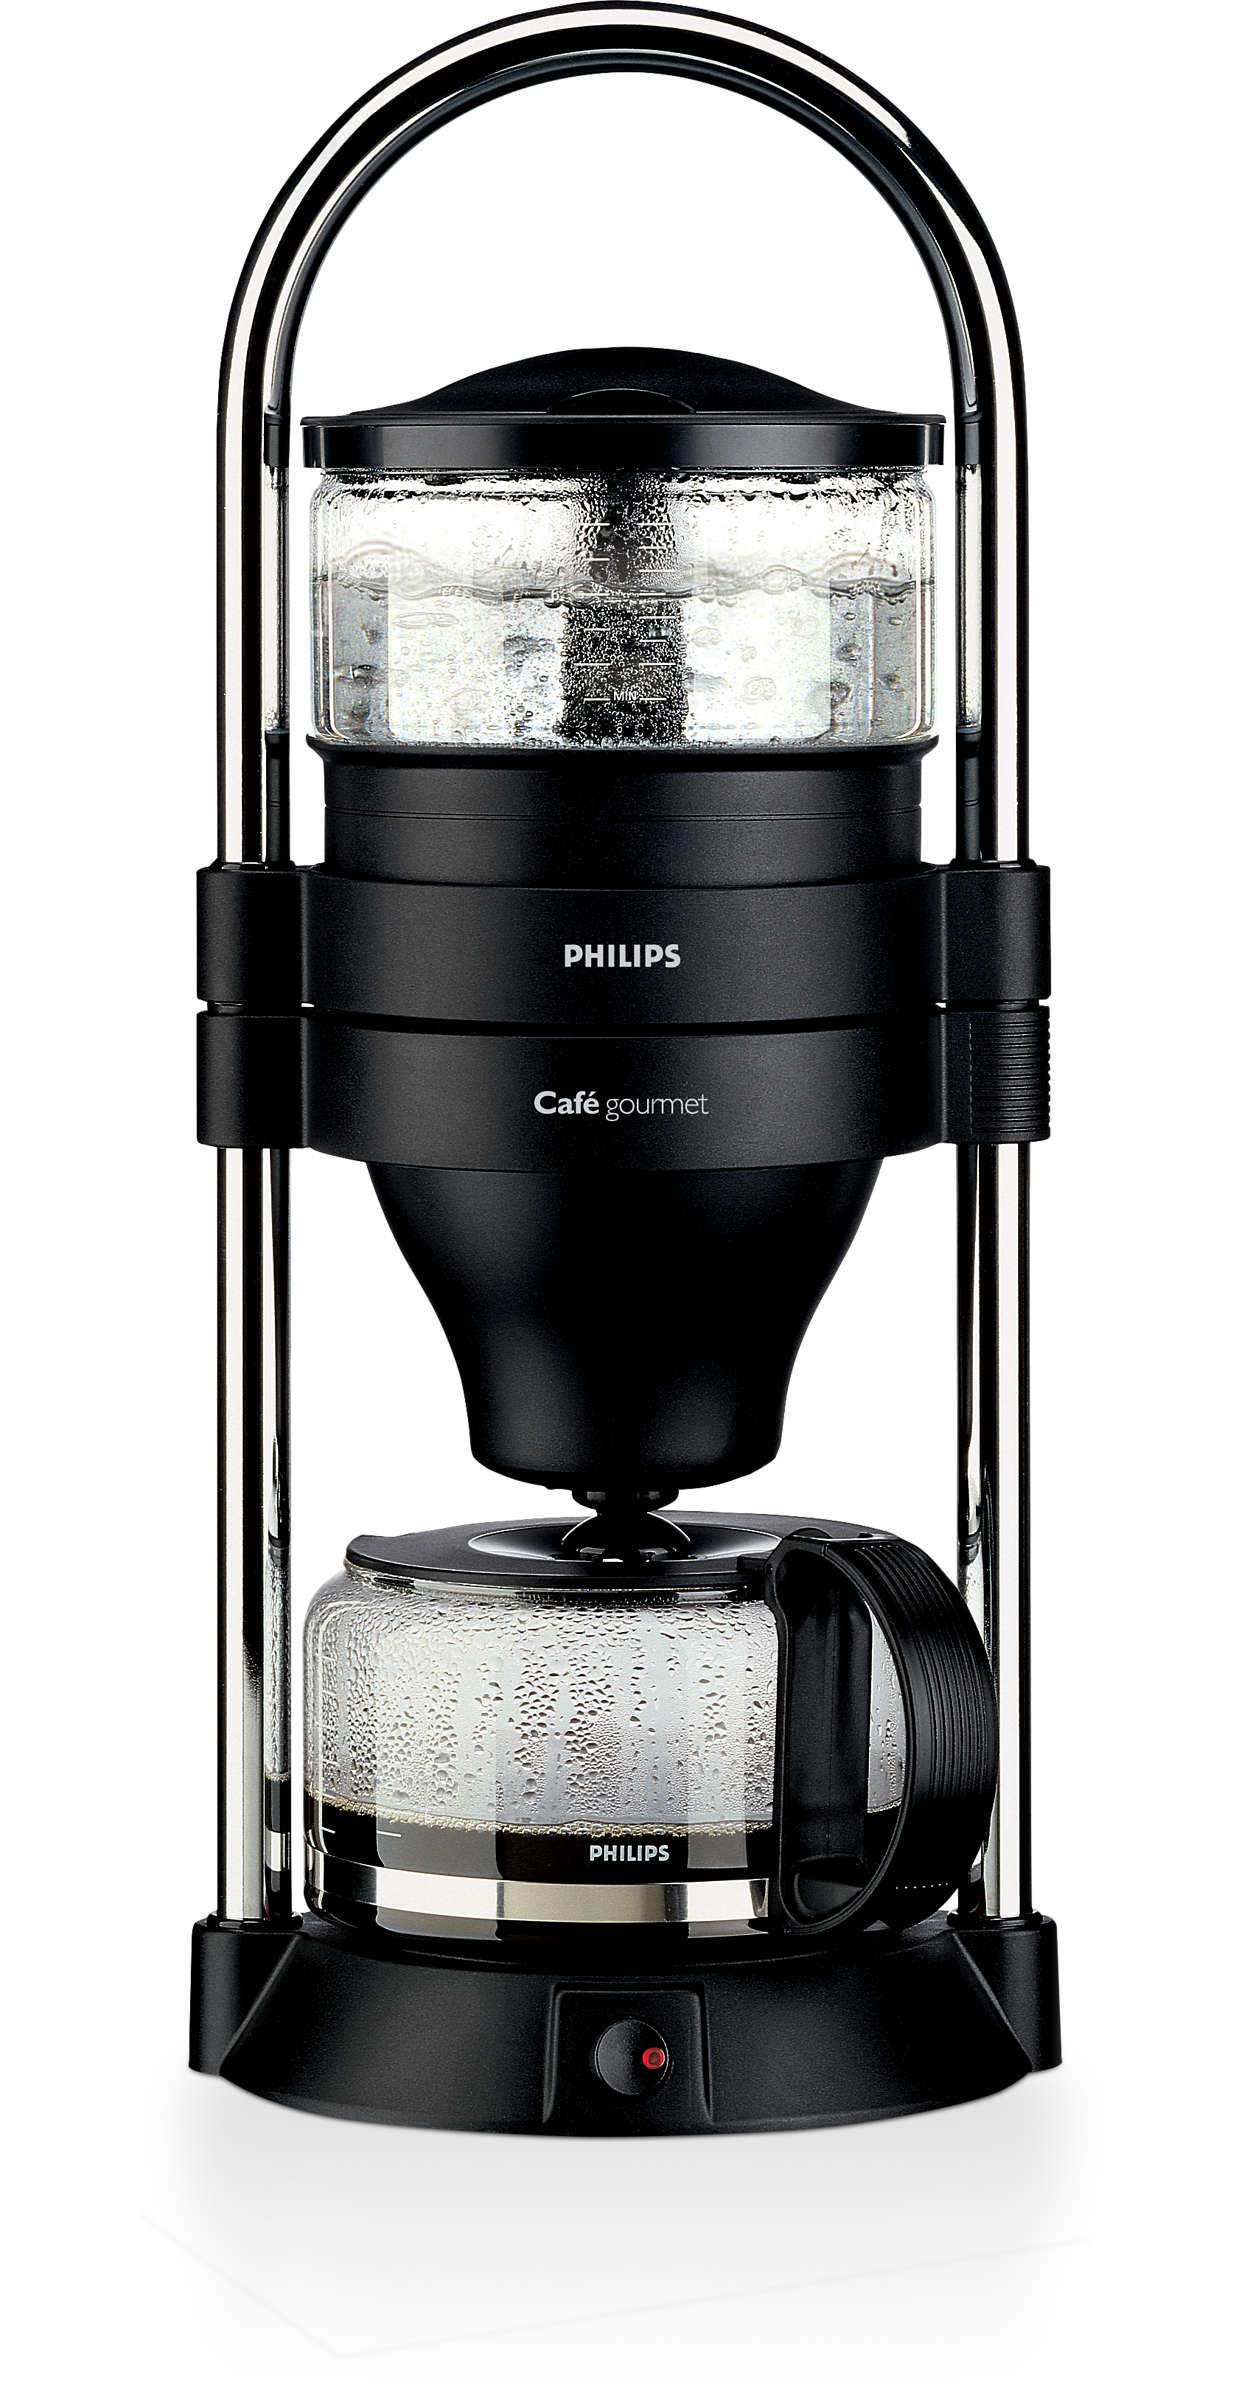 Conçu pour préparer un café filtre exceptionnel